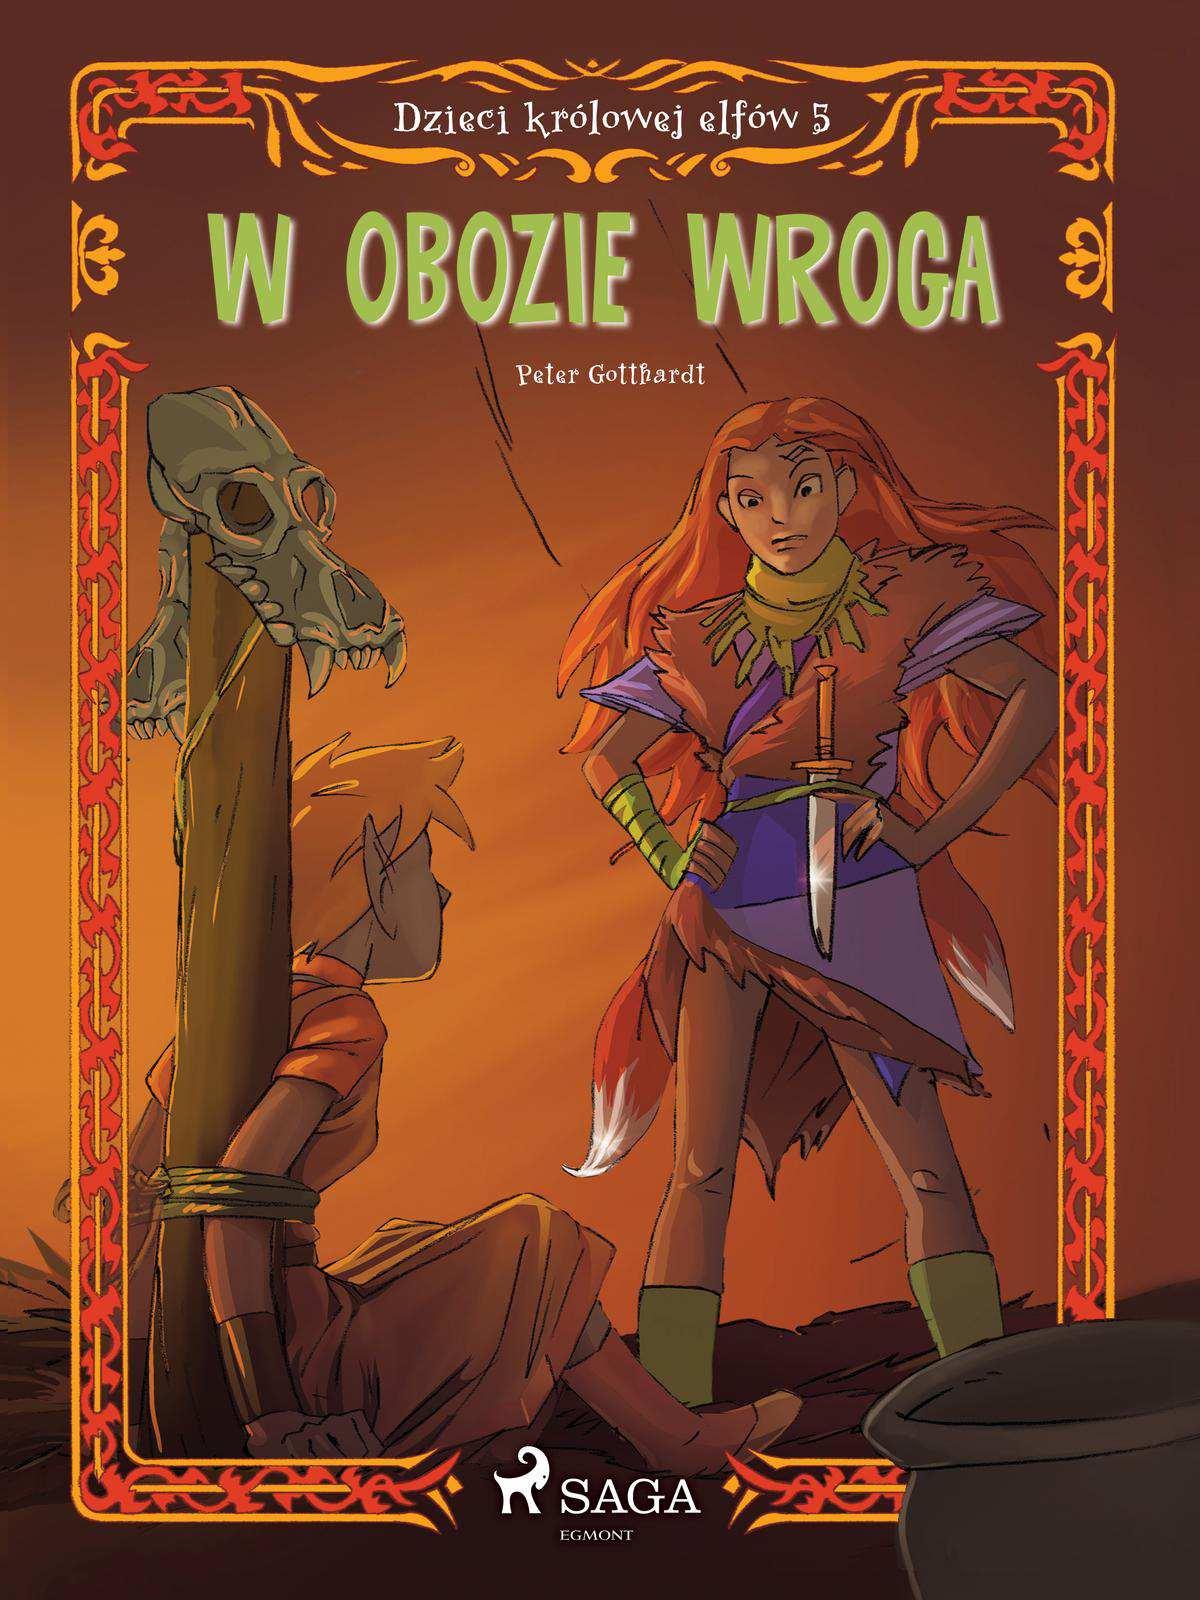 Dzieci królowej elfów 5 - W obozie wroga - Ebook (Książka EPUB) do pobrania w formacie EPUB